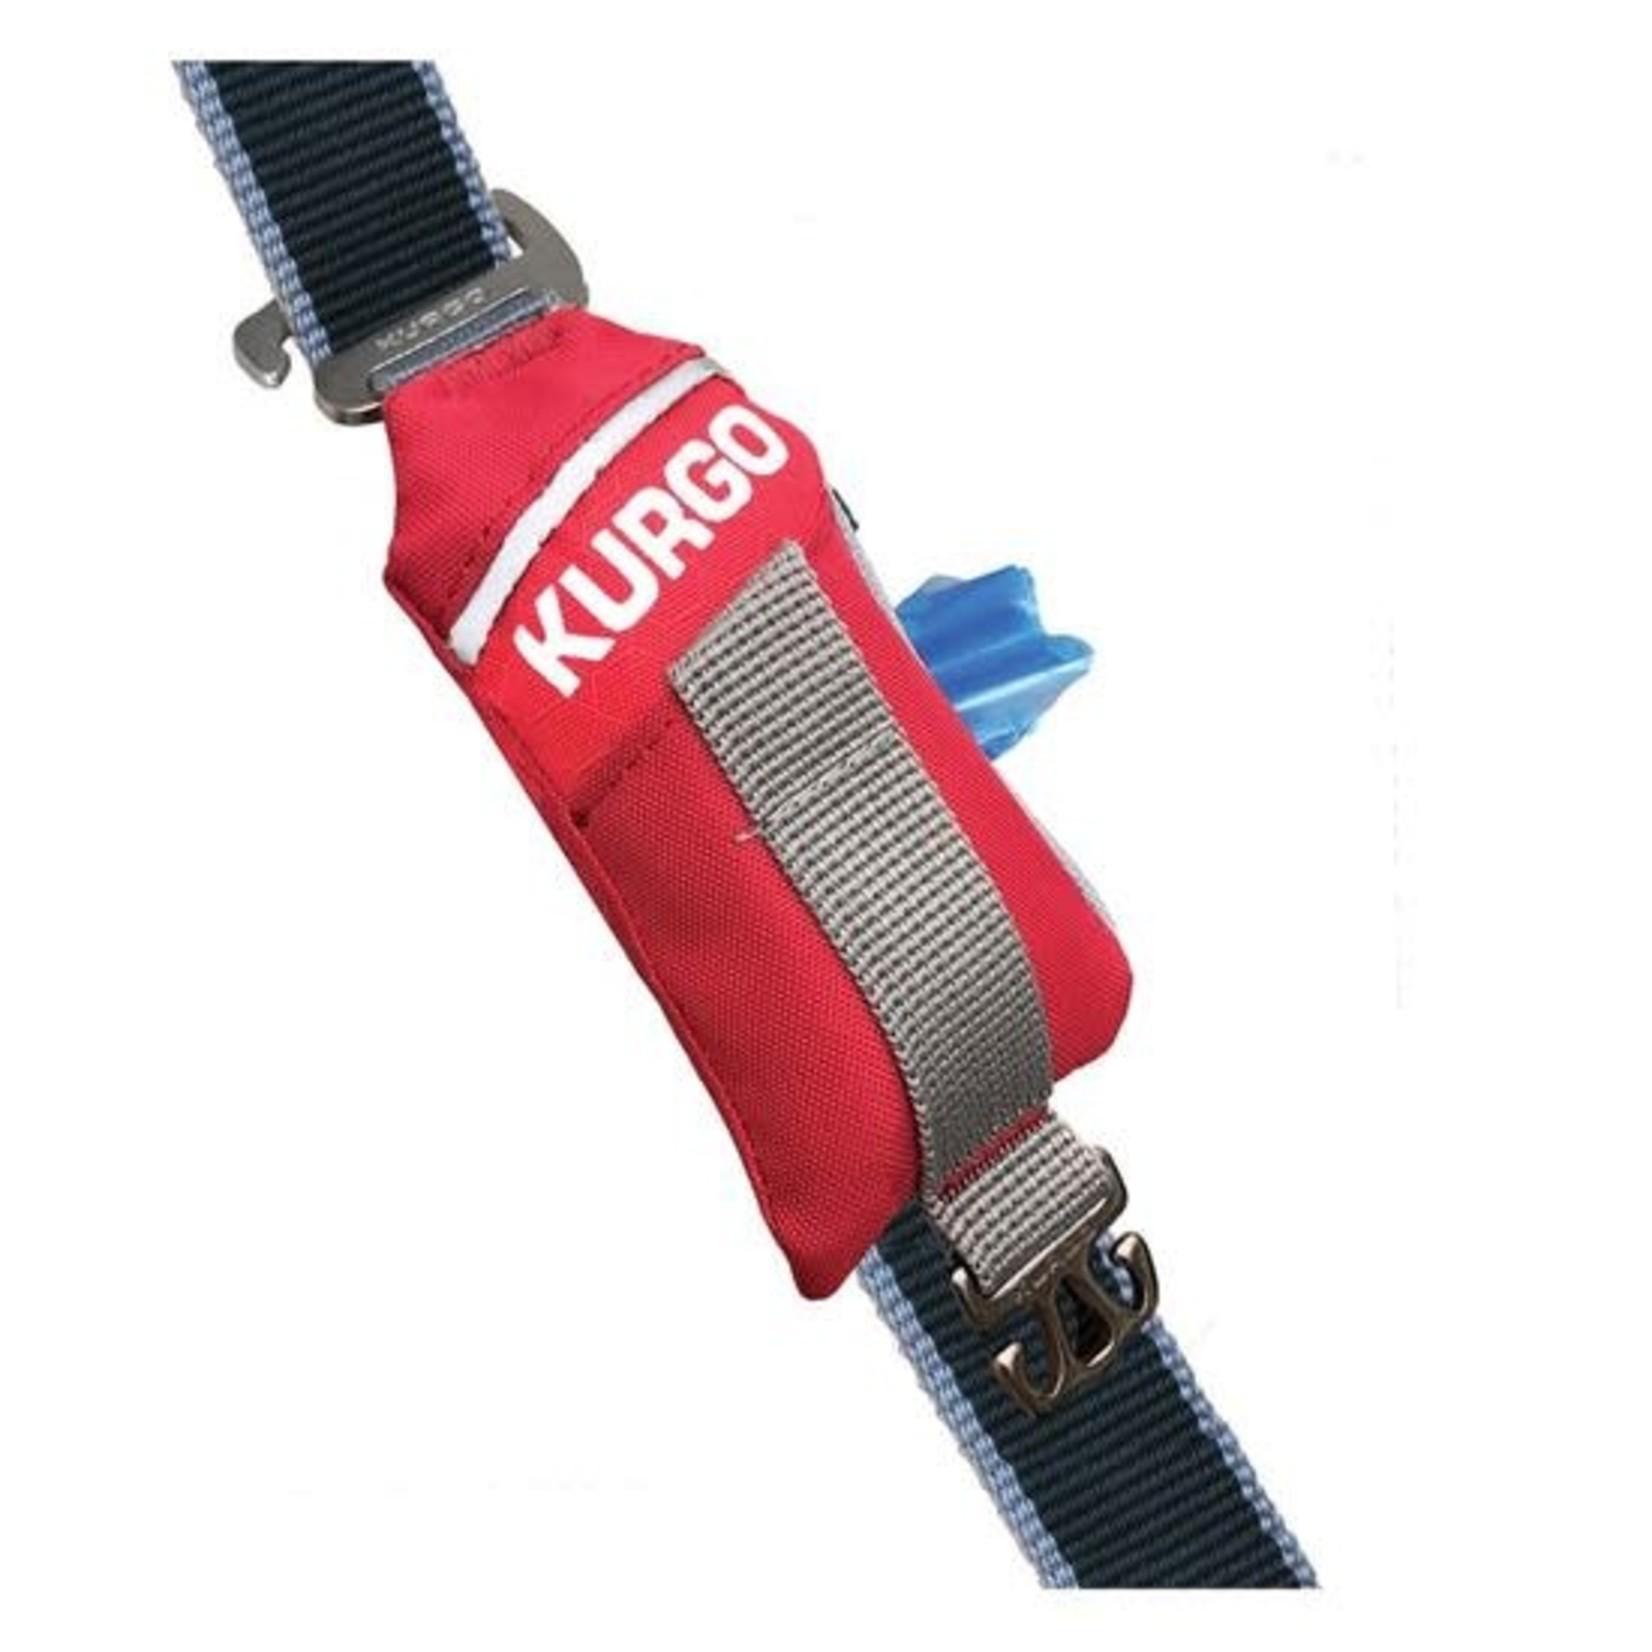 Kurgo Kurgo Dog Duty Bag